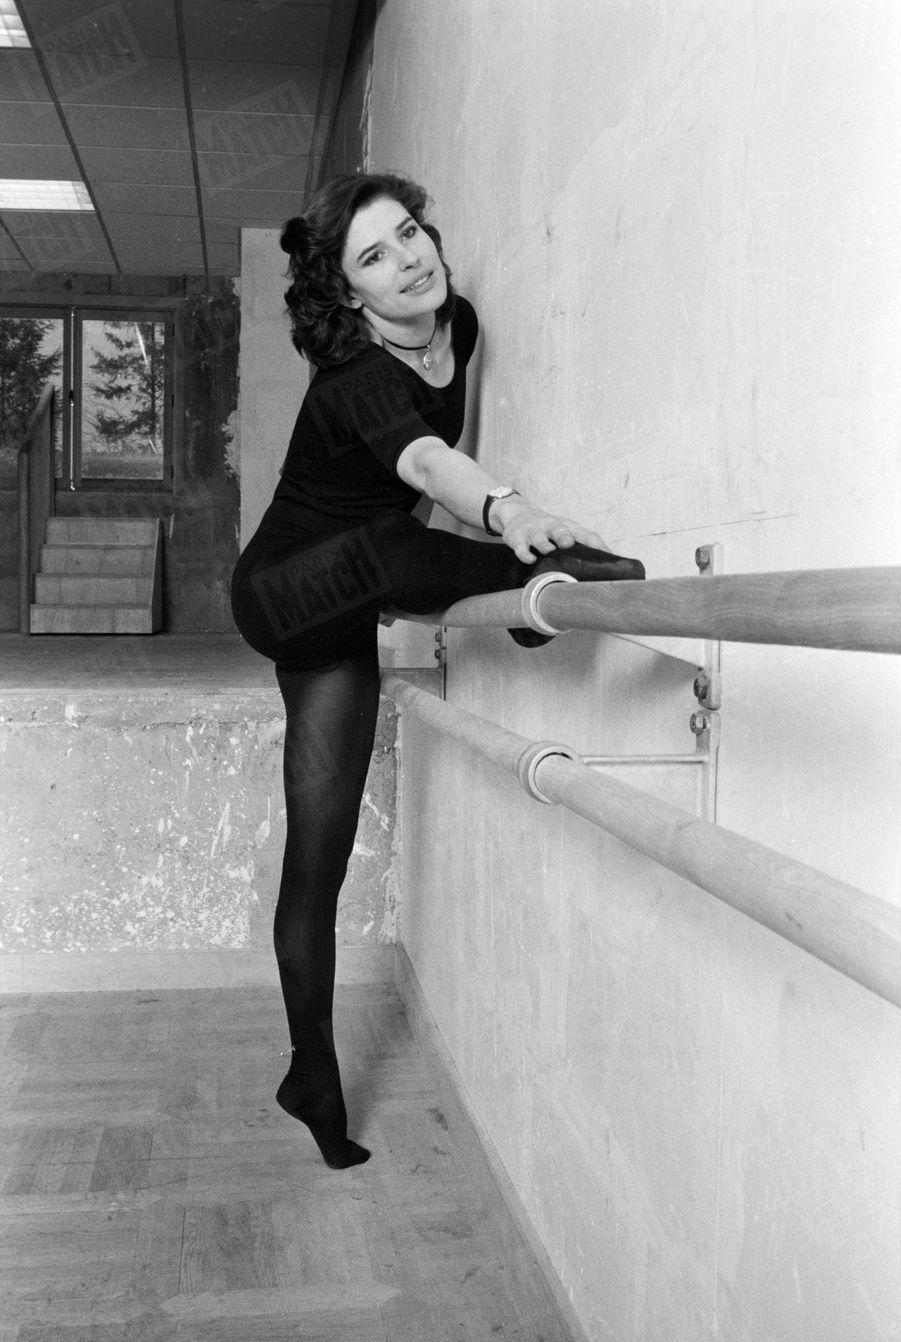 """""""La danse, explique Fanny, m'aide à m'extérioriser et à jouer avec aisance avec ma grande taille : 1,74m"""" - Paris Match n°1607, 14 mars 1980"""